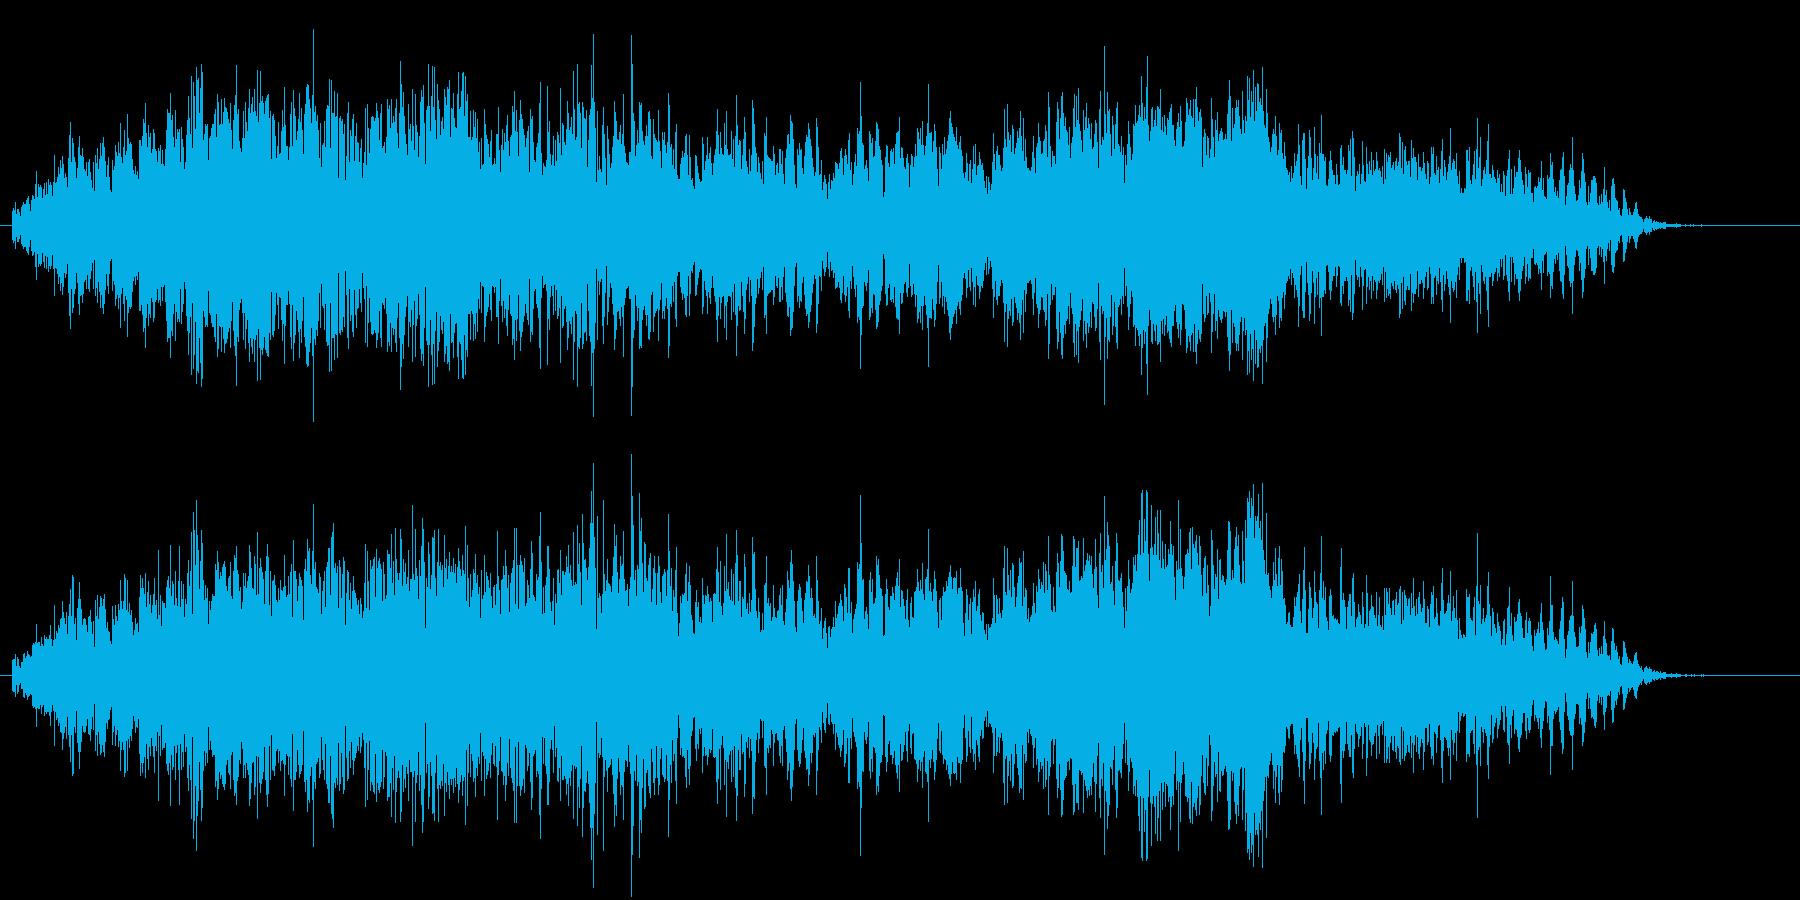 自動車の急ブレーキ2 キキキーーーッの再生済みの波形